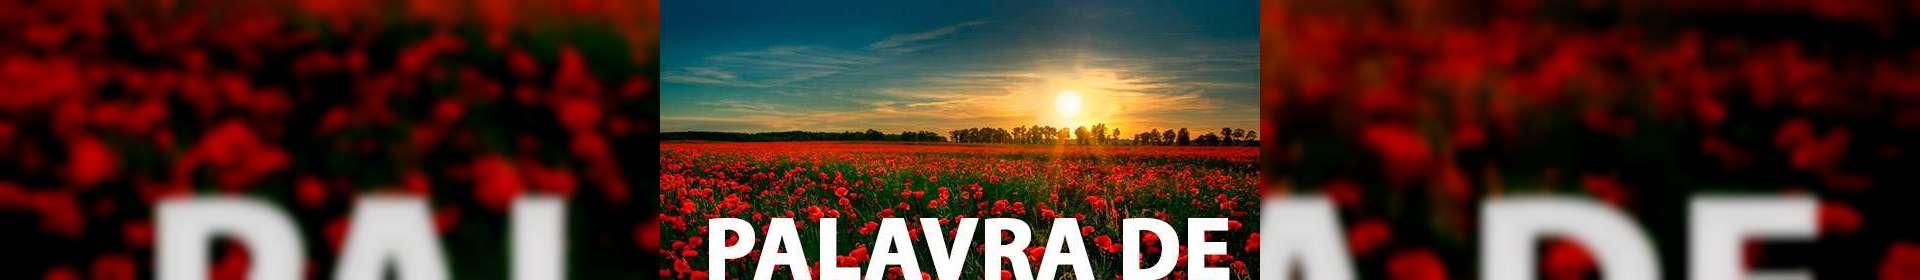 Salmos 37:5 - Uma Palavra de Esperança para sua vida